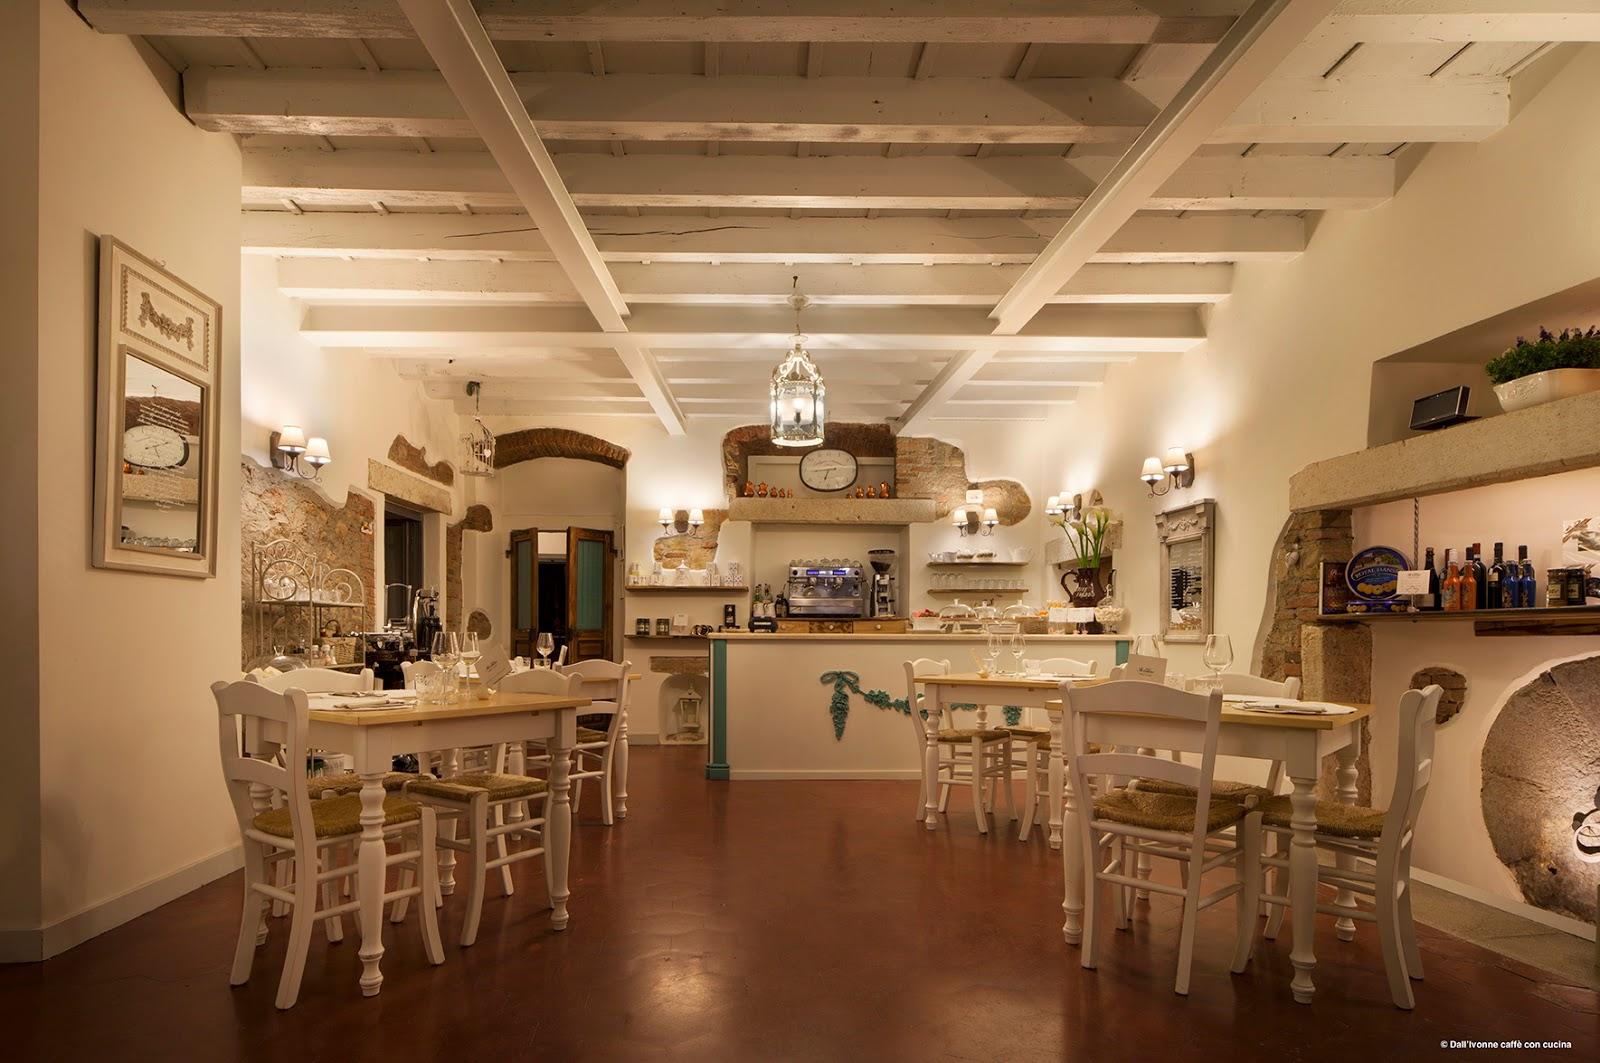 Dall 39 ivonne caff con cucina all 39 interno - Caffe cucina brescia ...